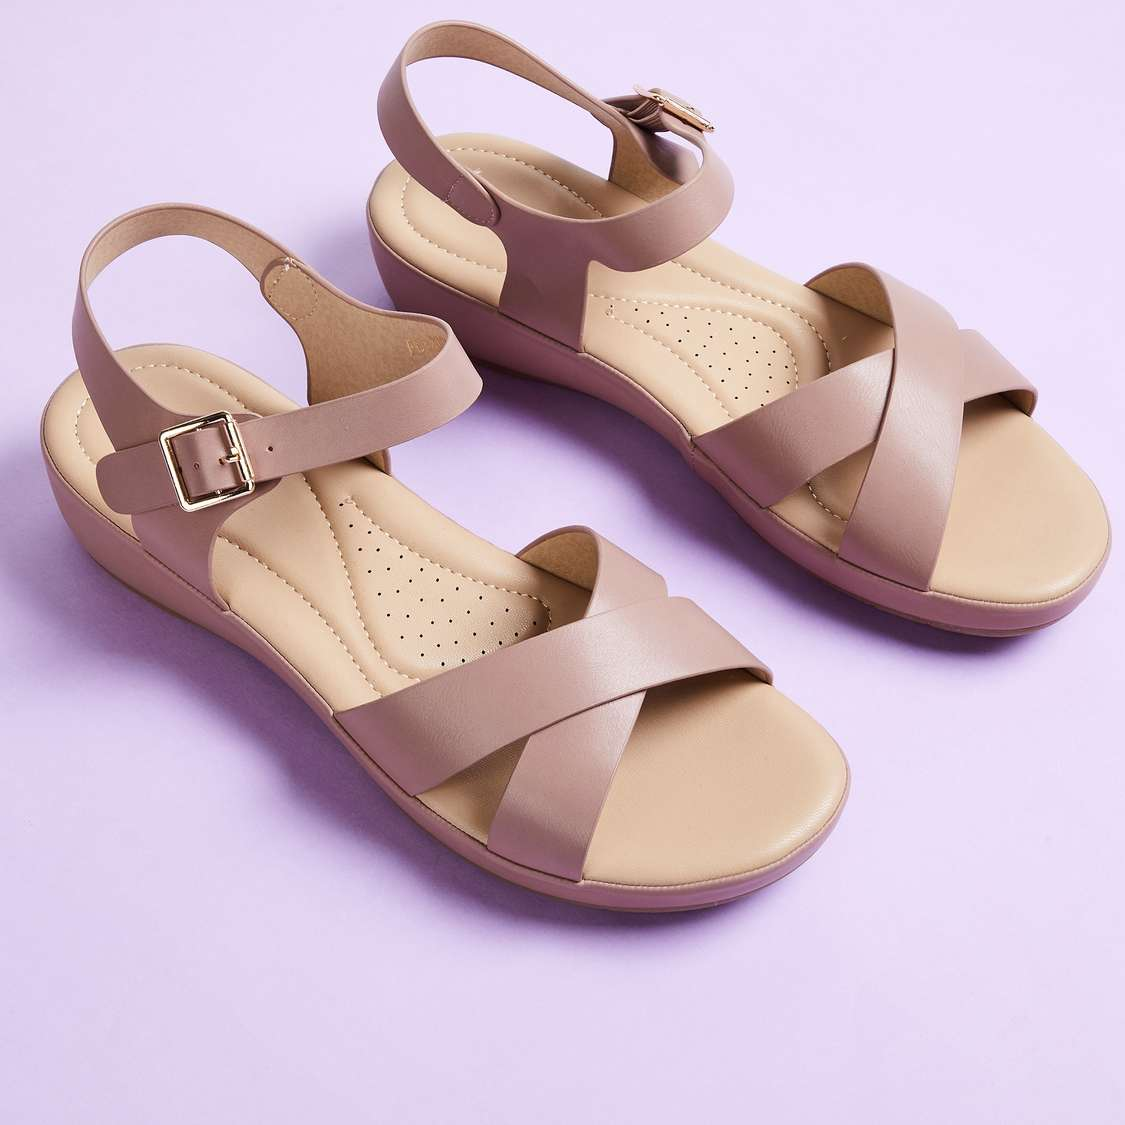 GINGER Women Solid Flatform Sandals